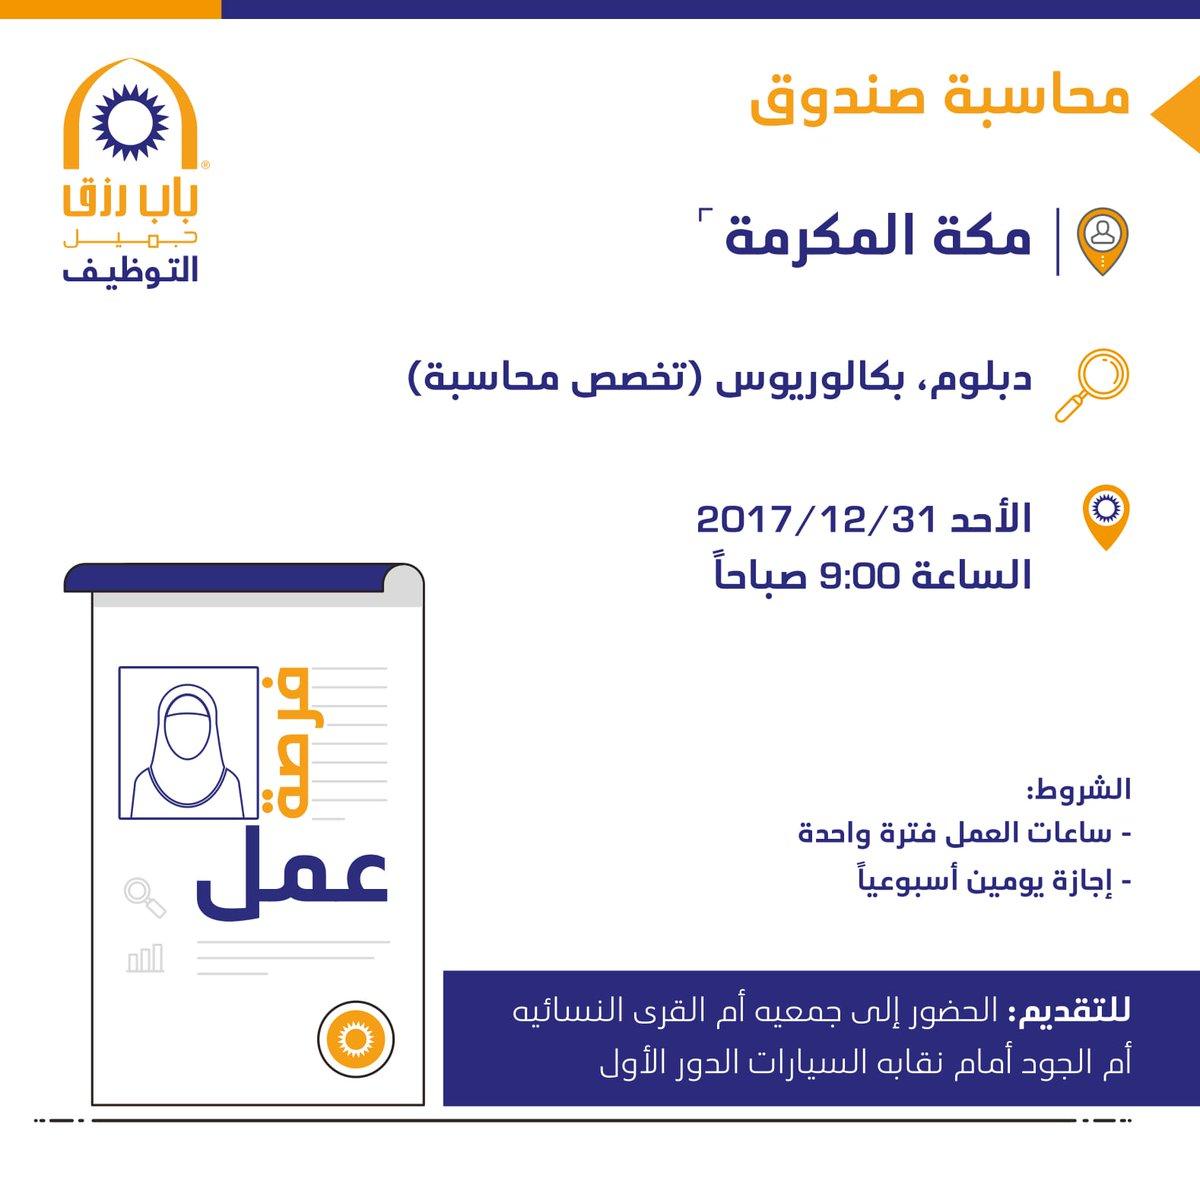 المقابلات اليوم في مكة لوظائف محاسبة صندوق